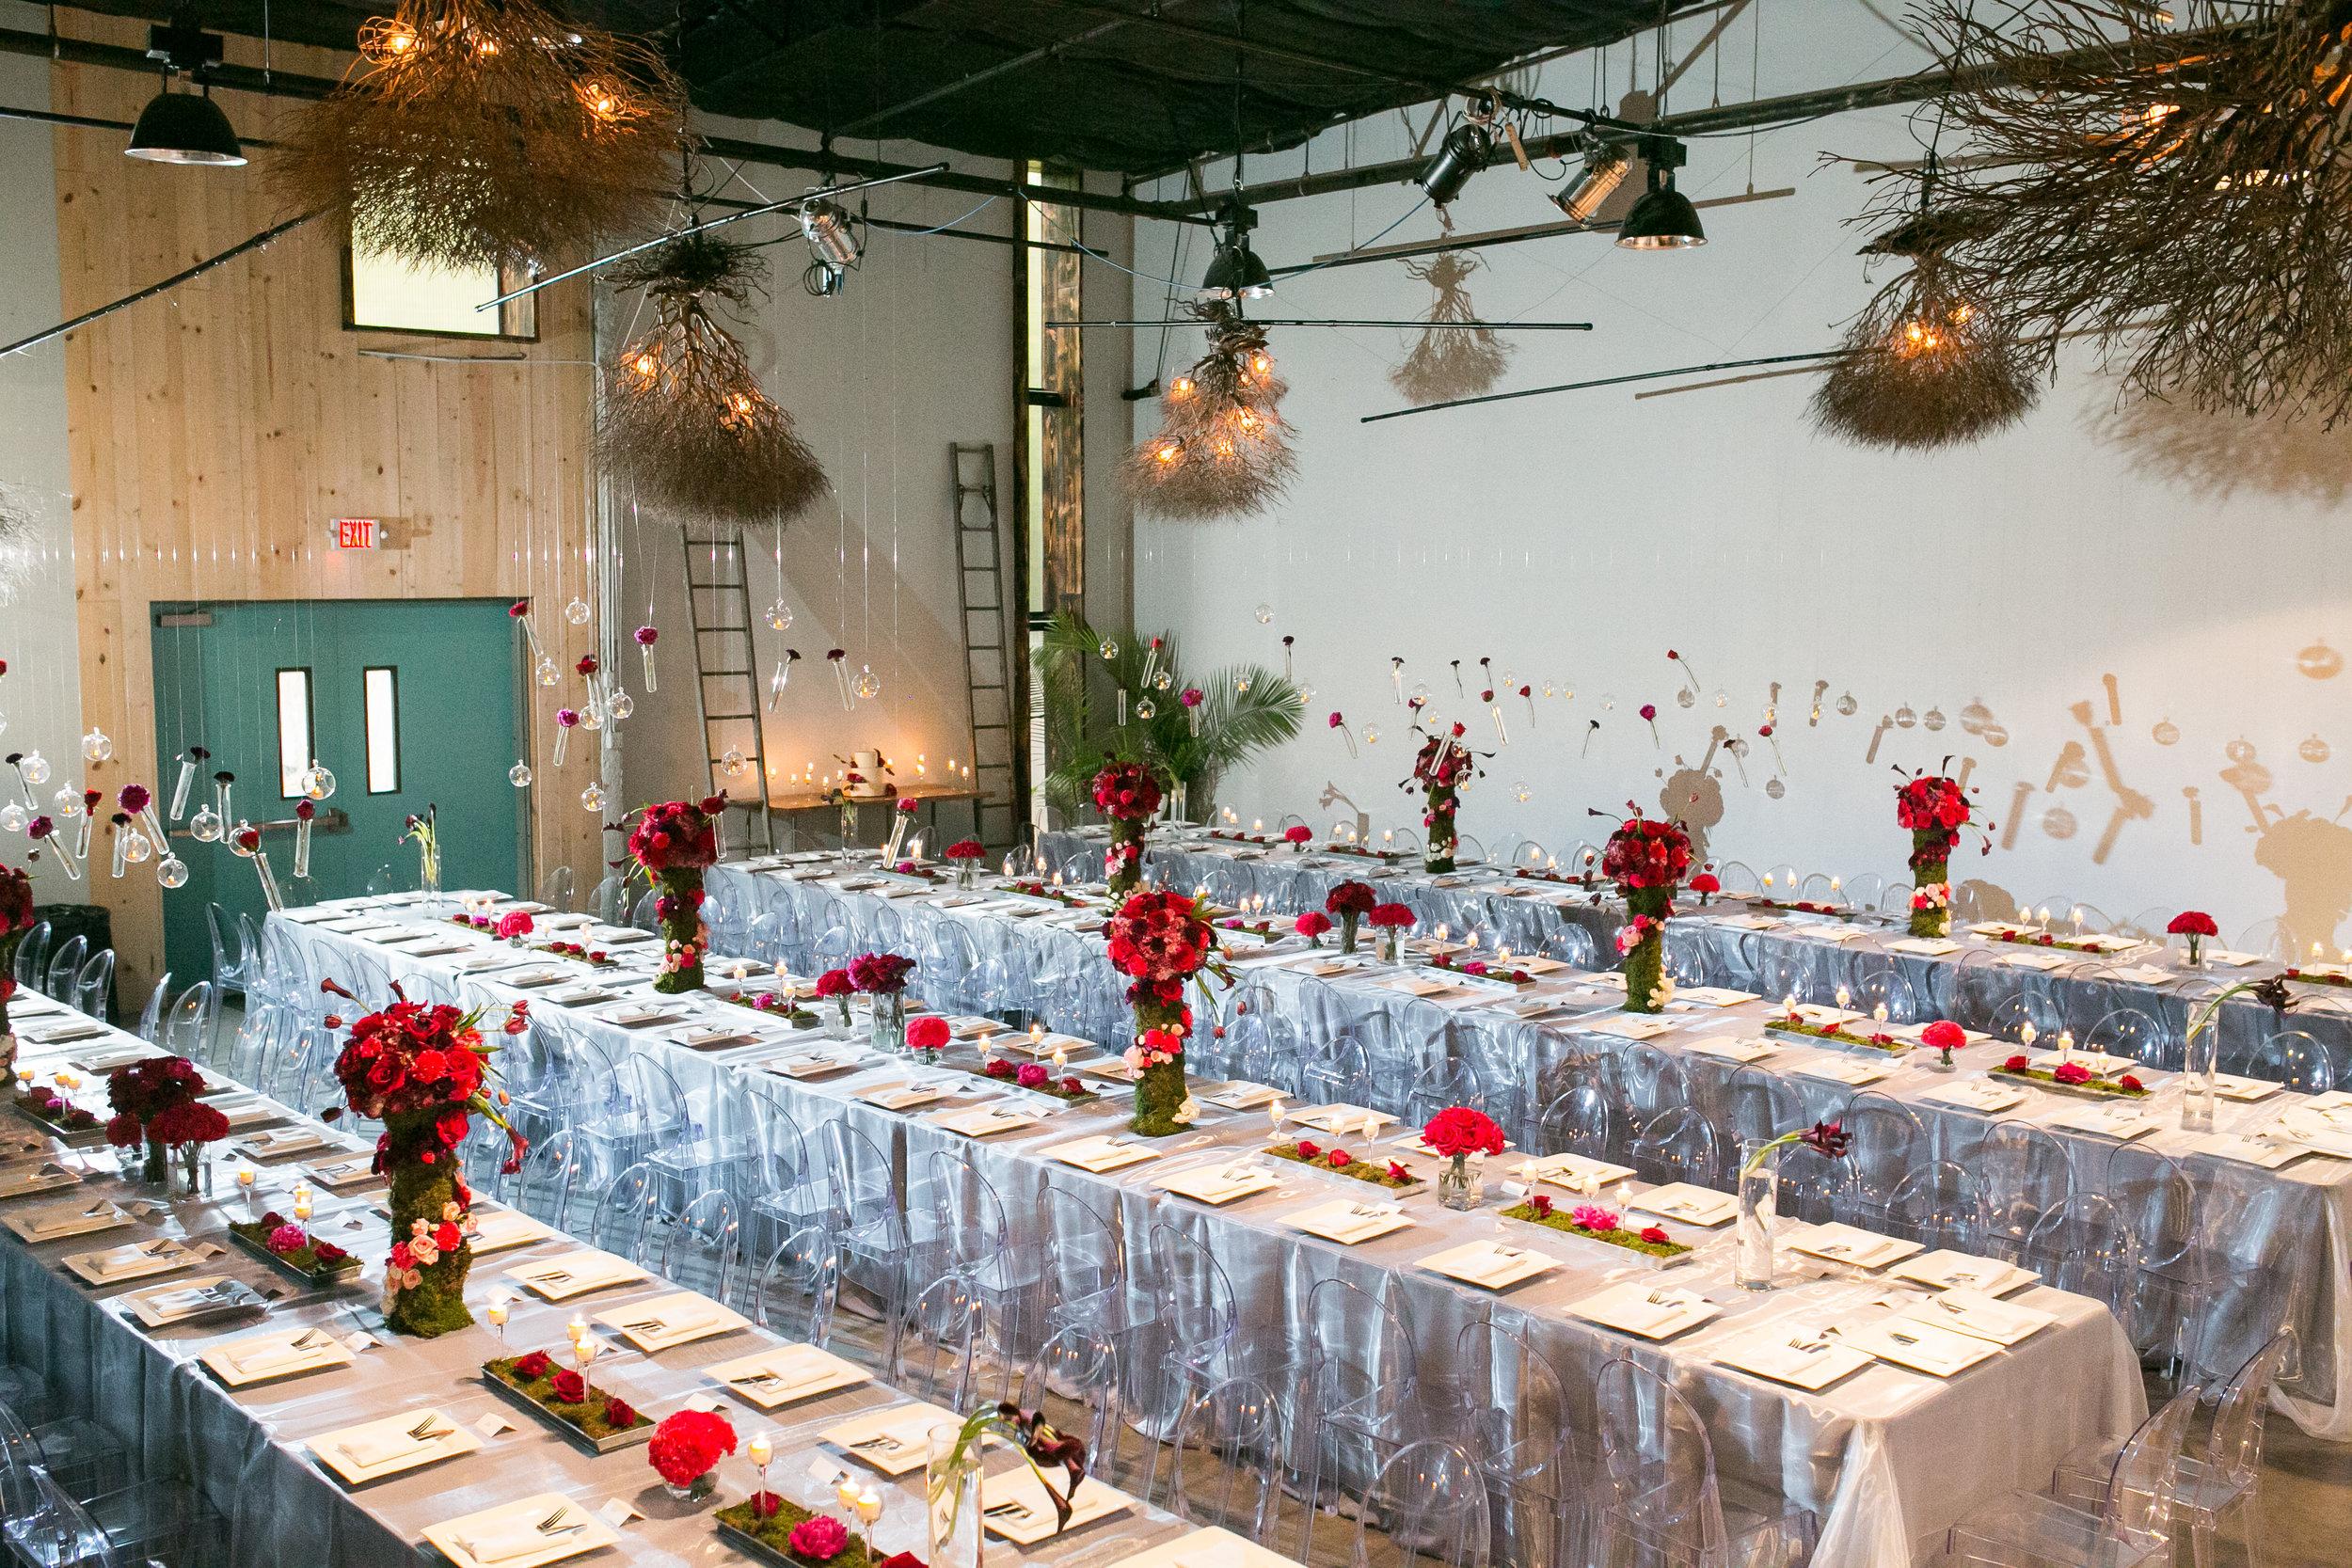 Urban-Wedding-Venues-in-Austin-Gather-Monroe-St